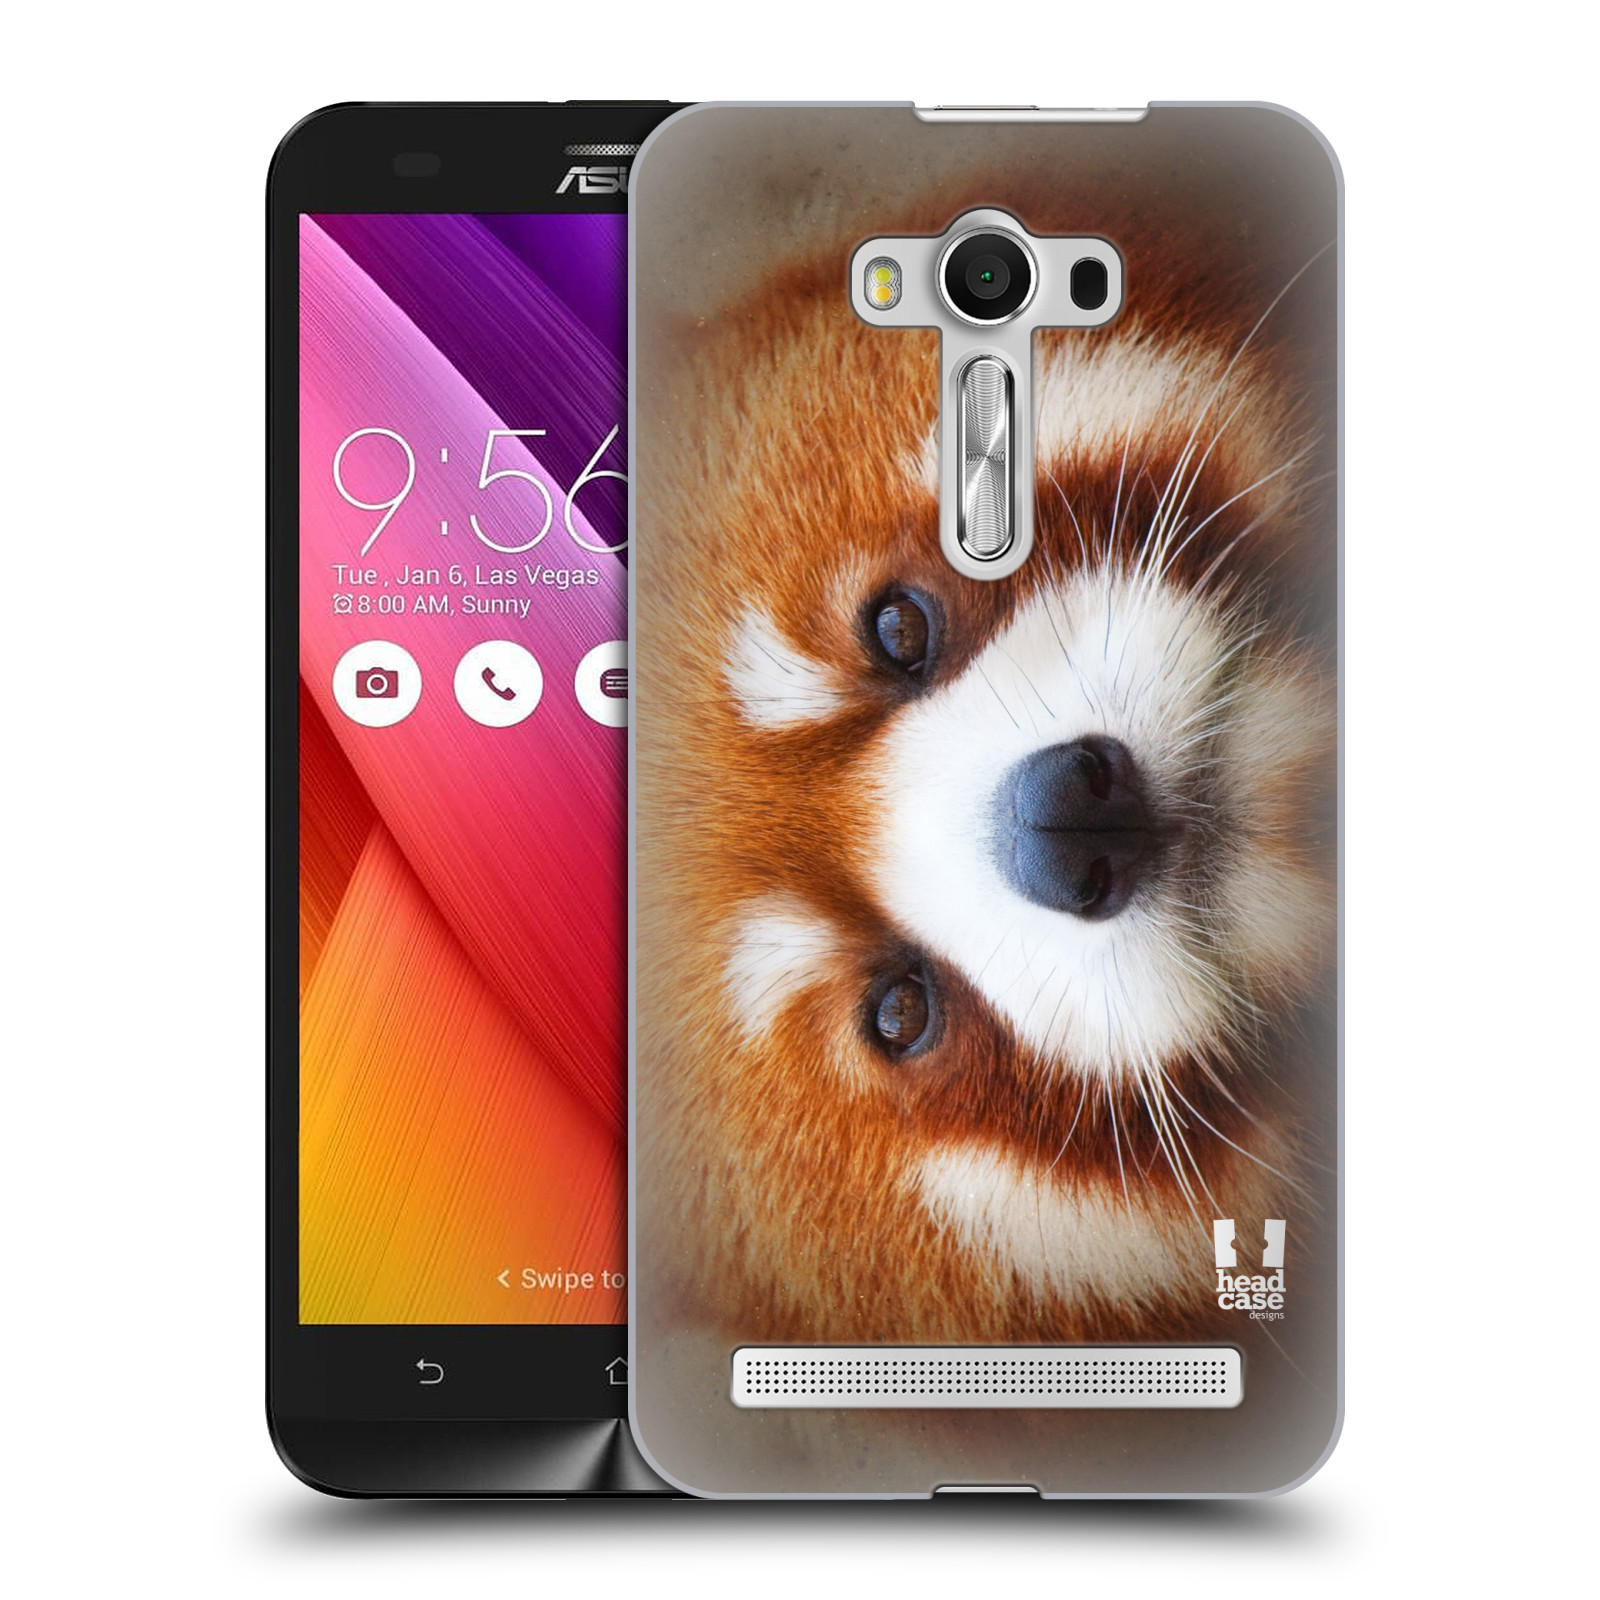 HEAD CASE plastový obal na mobil Asus Zenfone 2 LASER (5,5 displej ZE550KL) vzor Zvířecí tváře 2 medvěd panda rudá